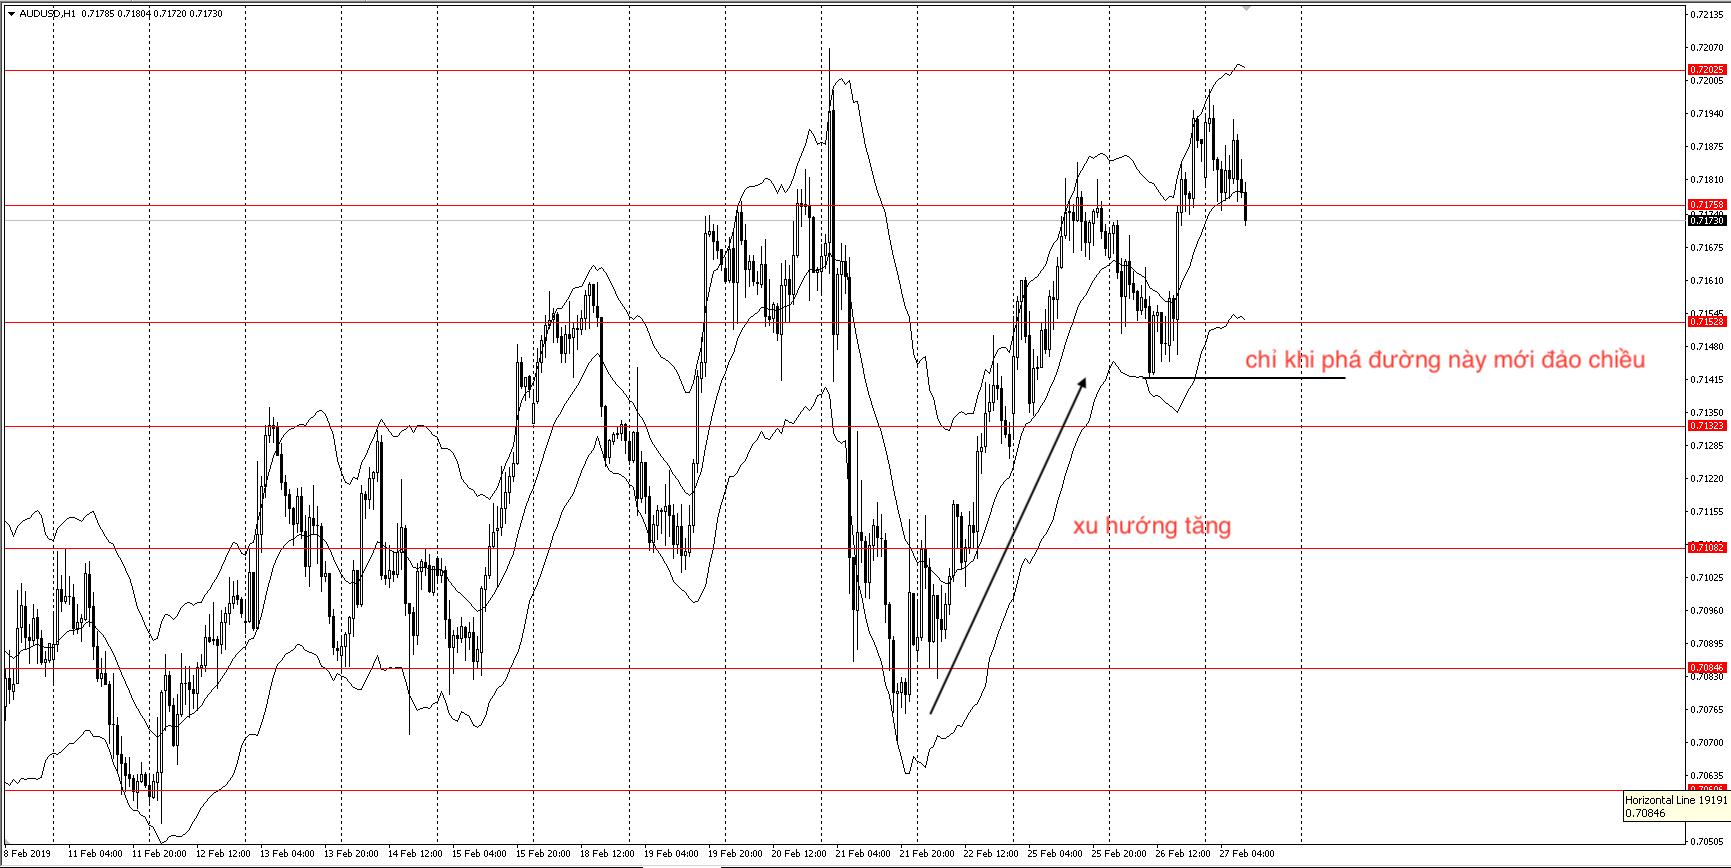 phan-tich-chart-traderviet4.